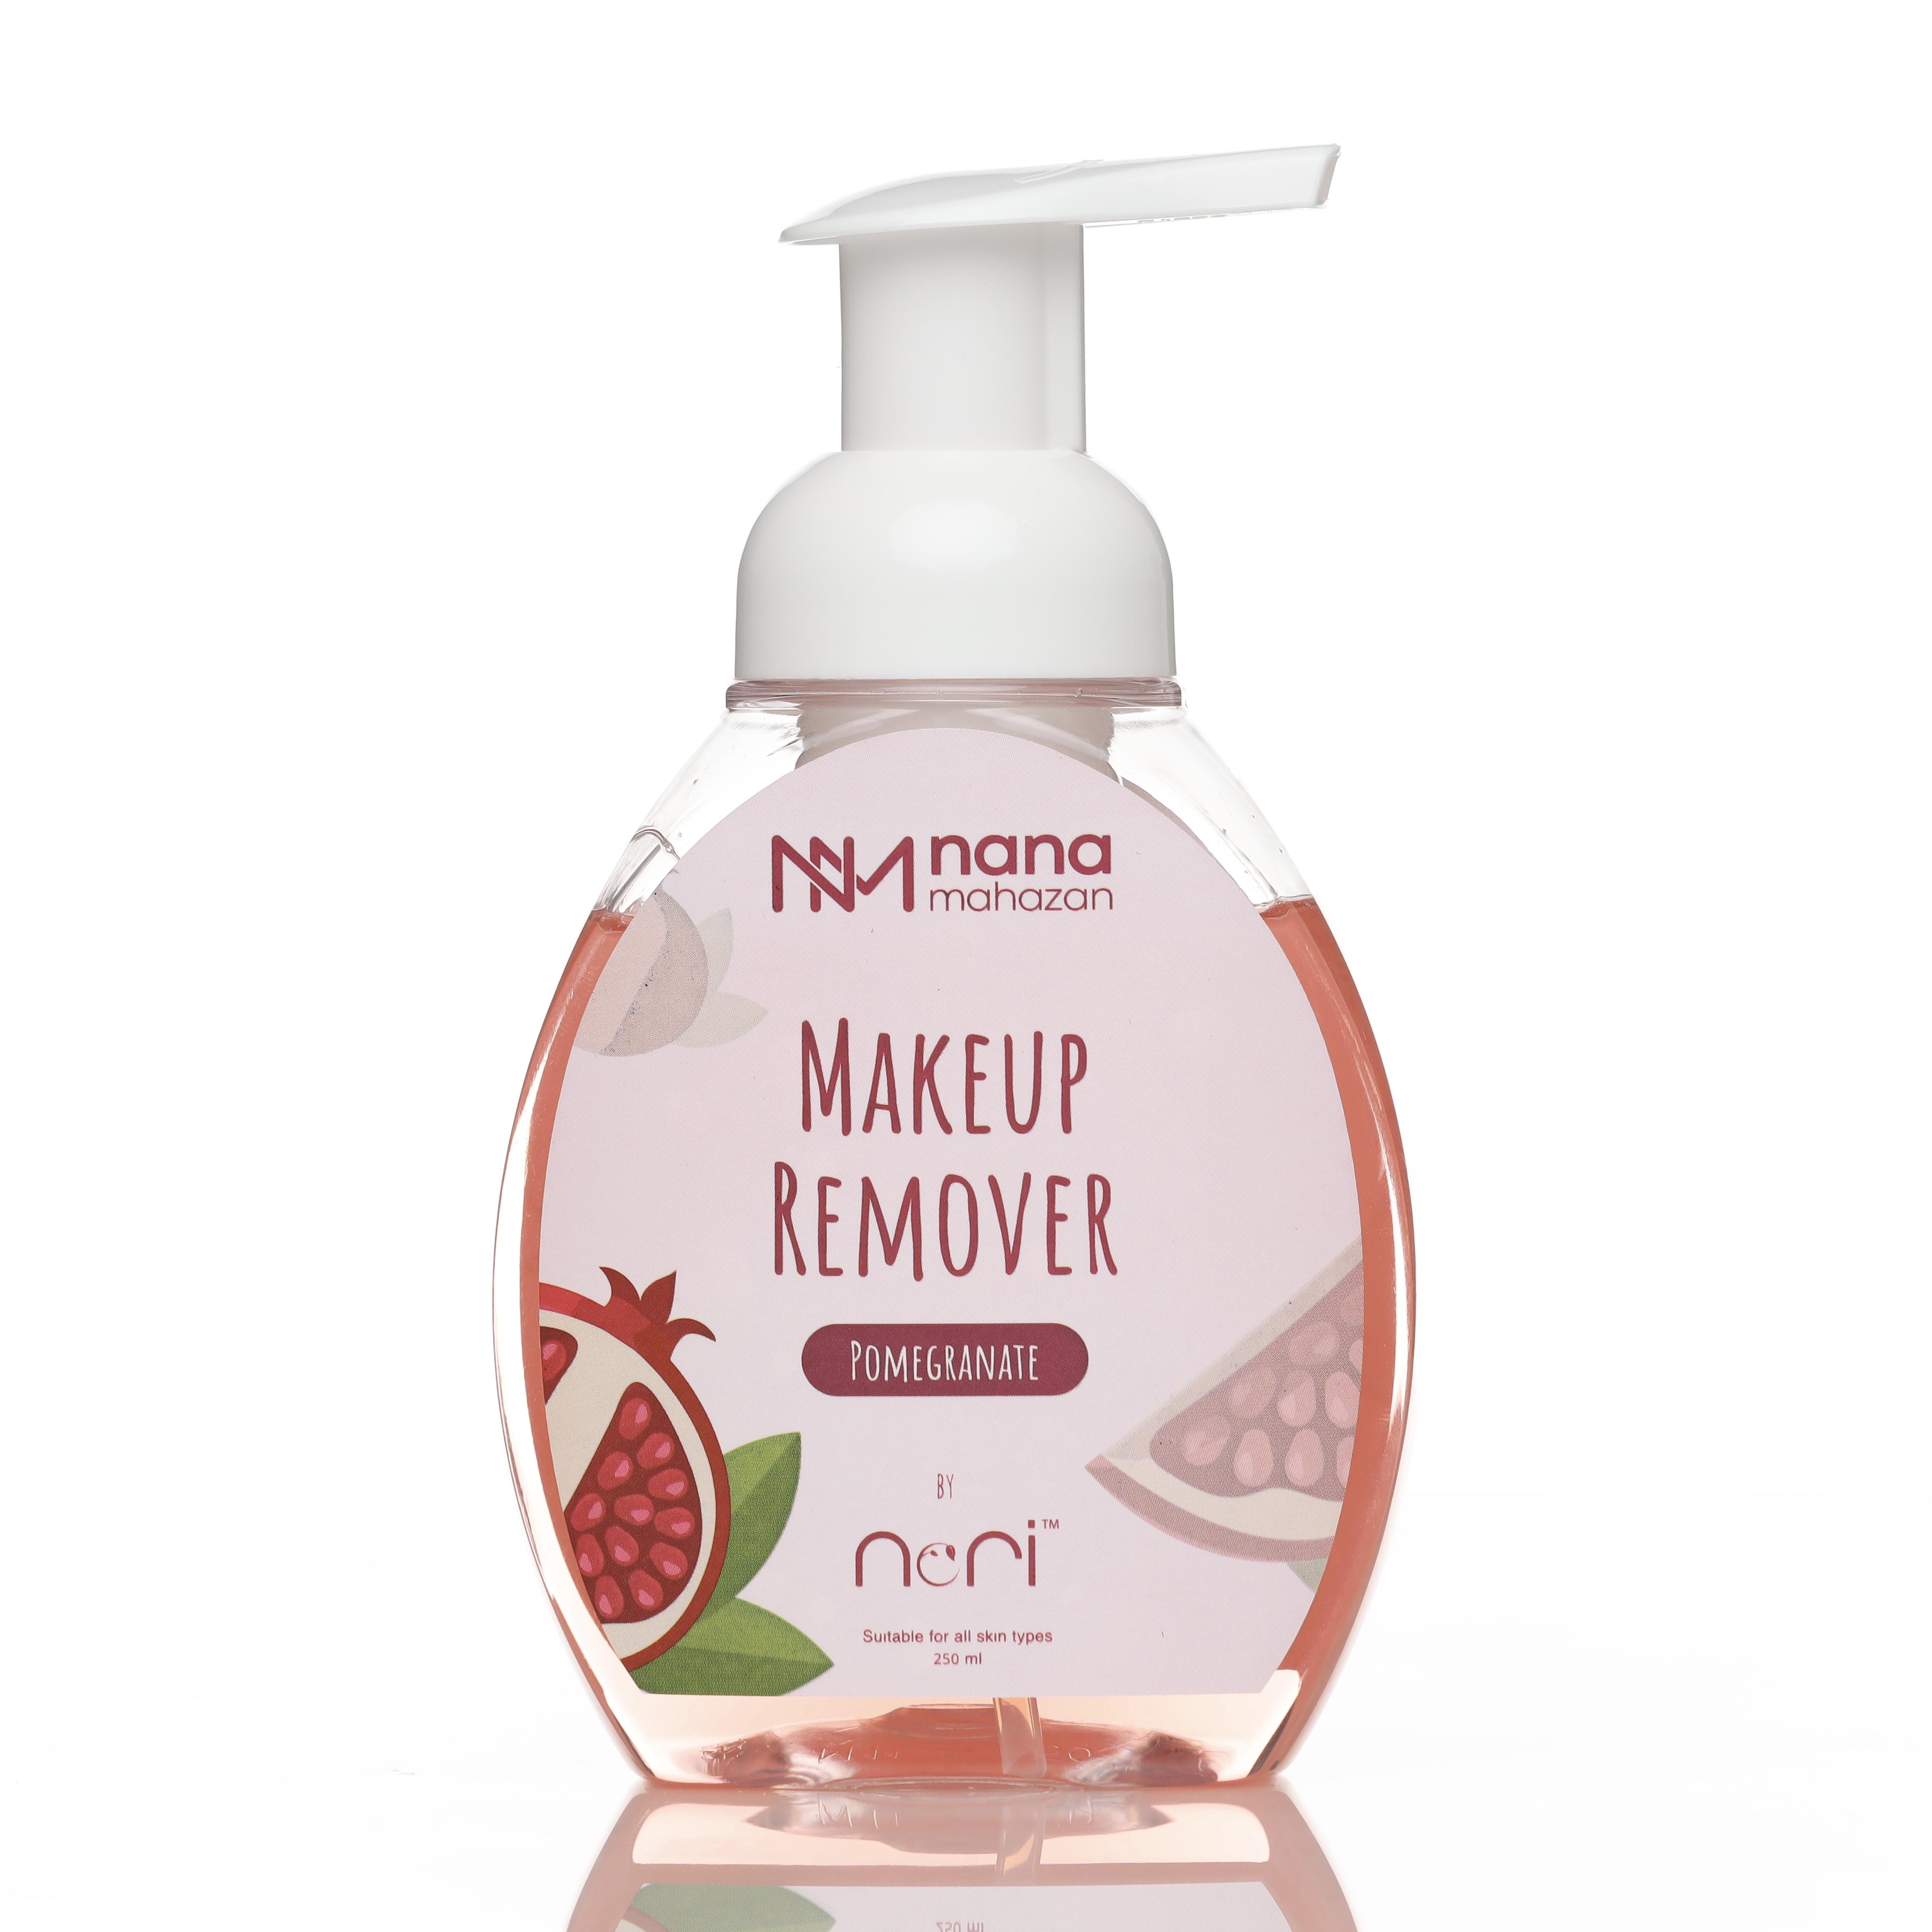 Pomegranate Makeup Remover by Nana Mahazan